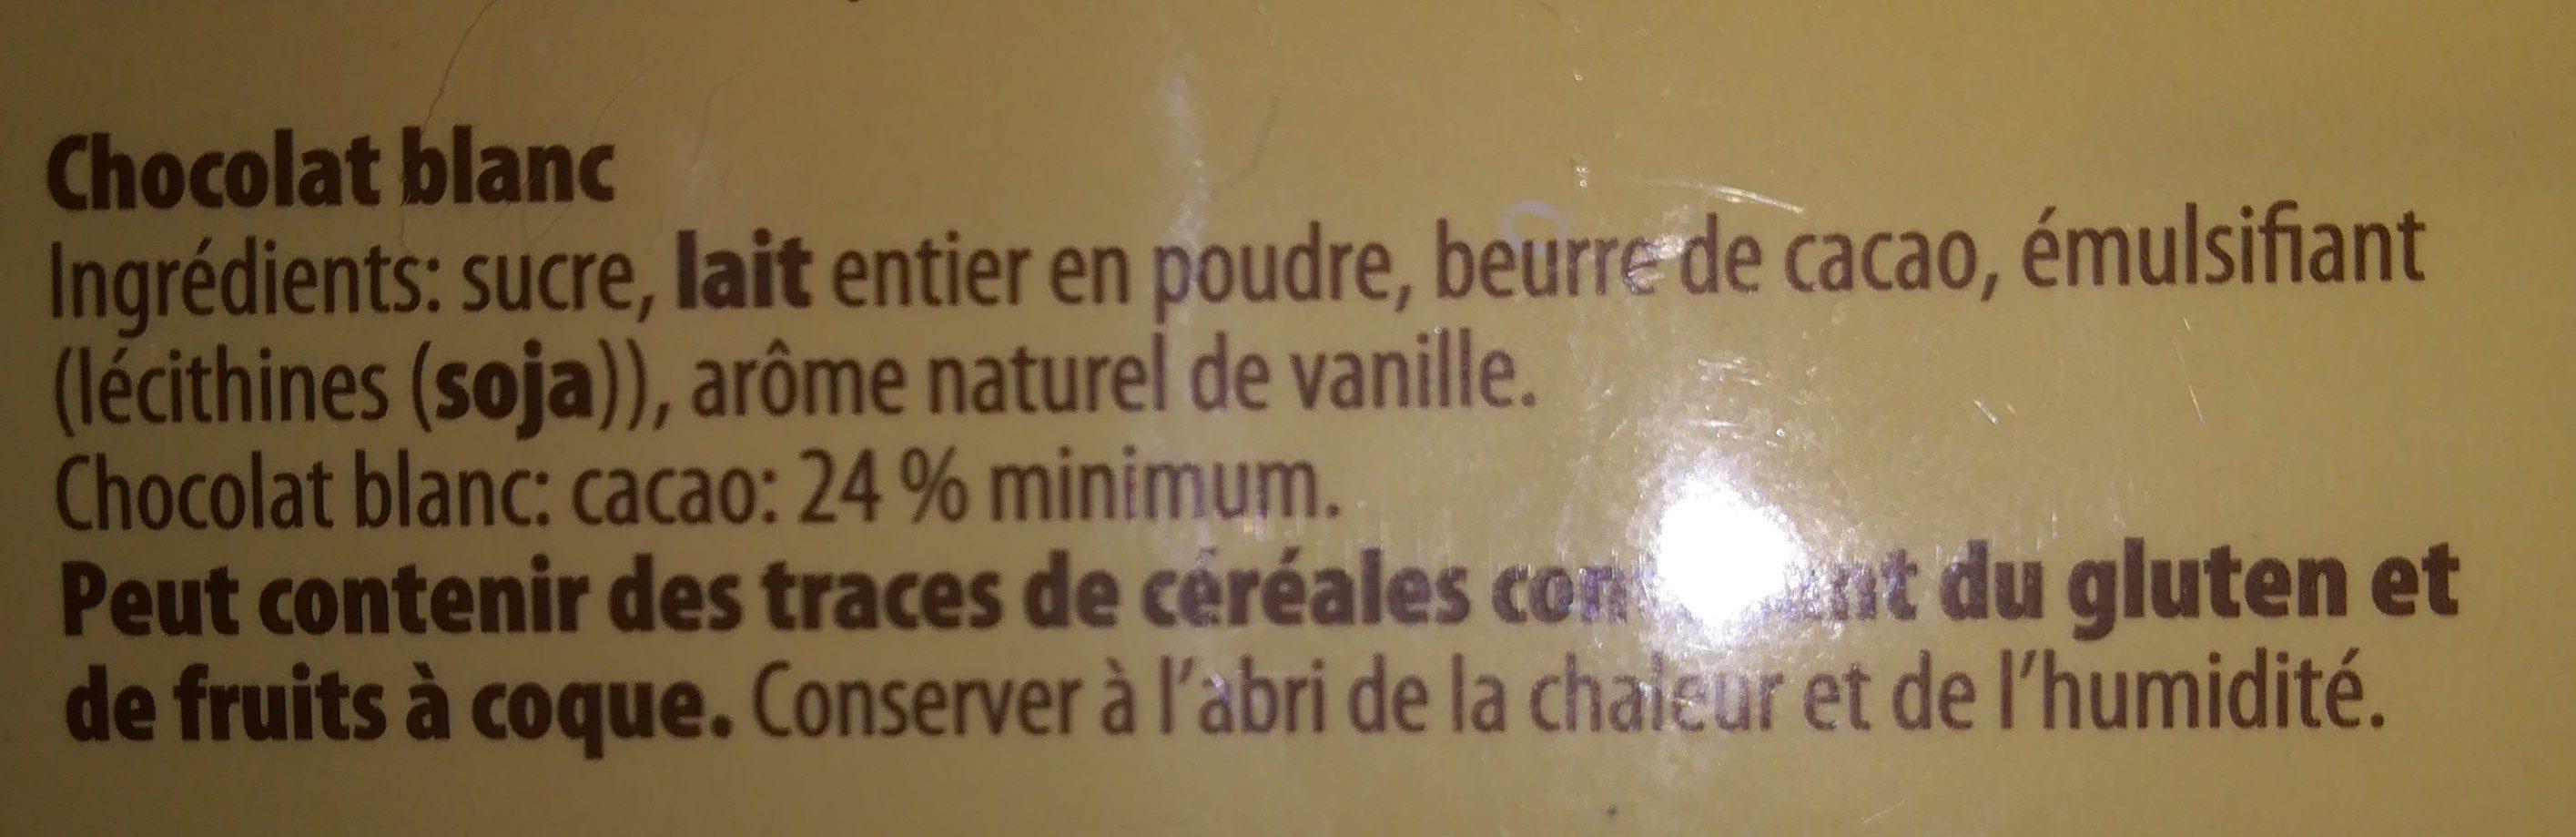 Chocolat blanc riz soufflé - Ingredients - fr